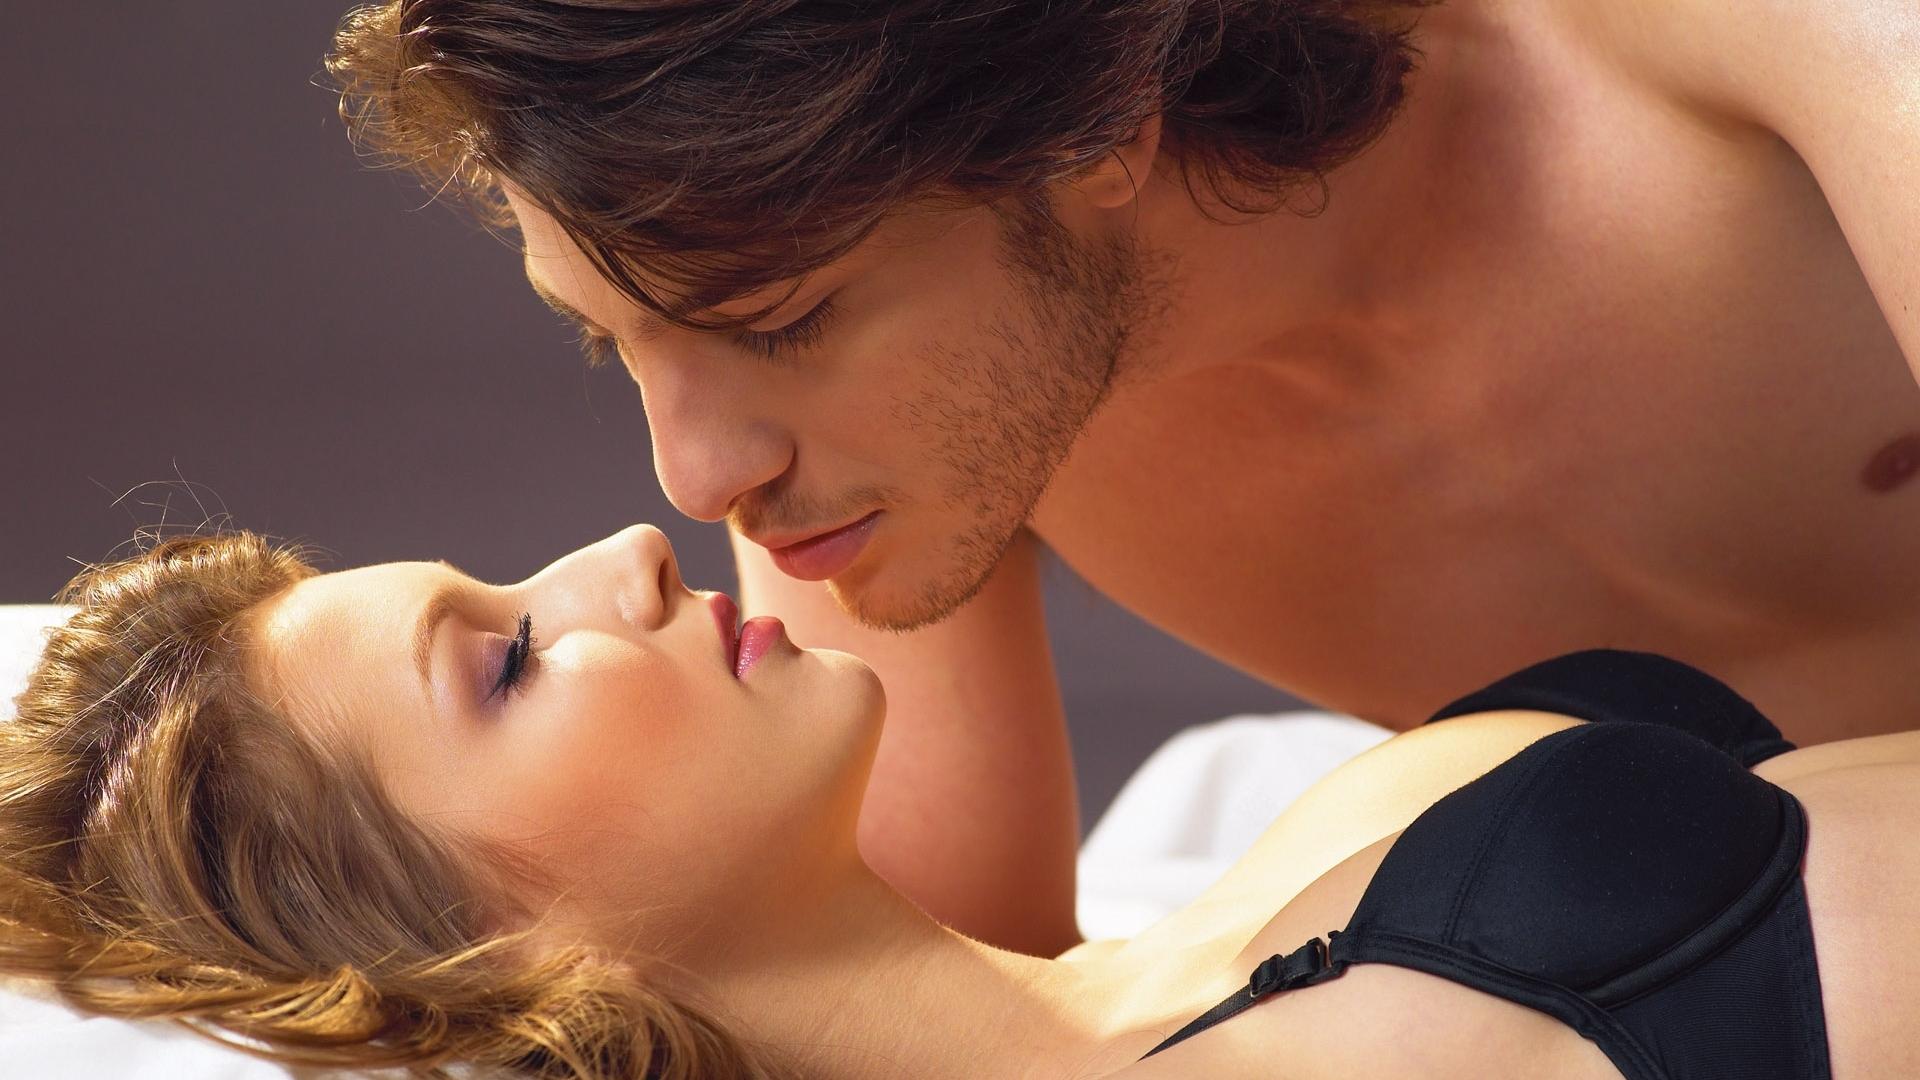 Поцелуи мужчин видео #3